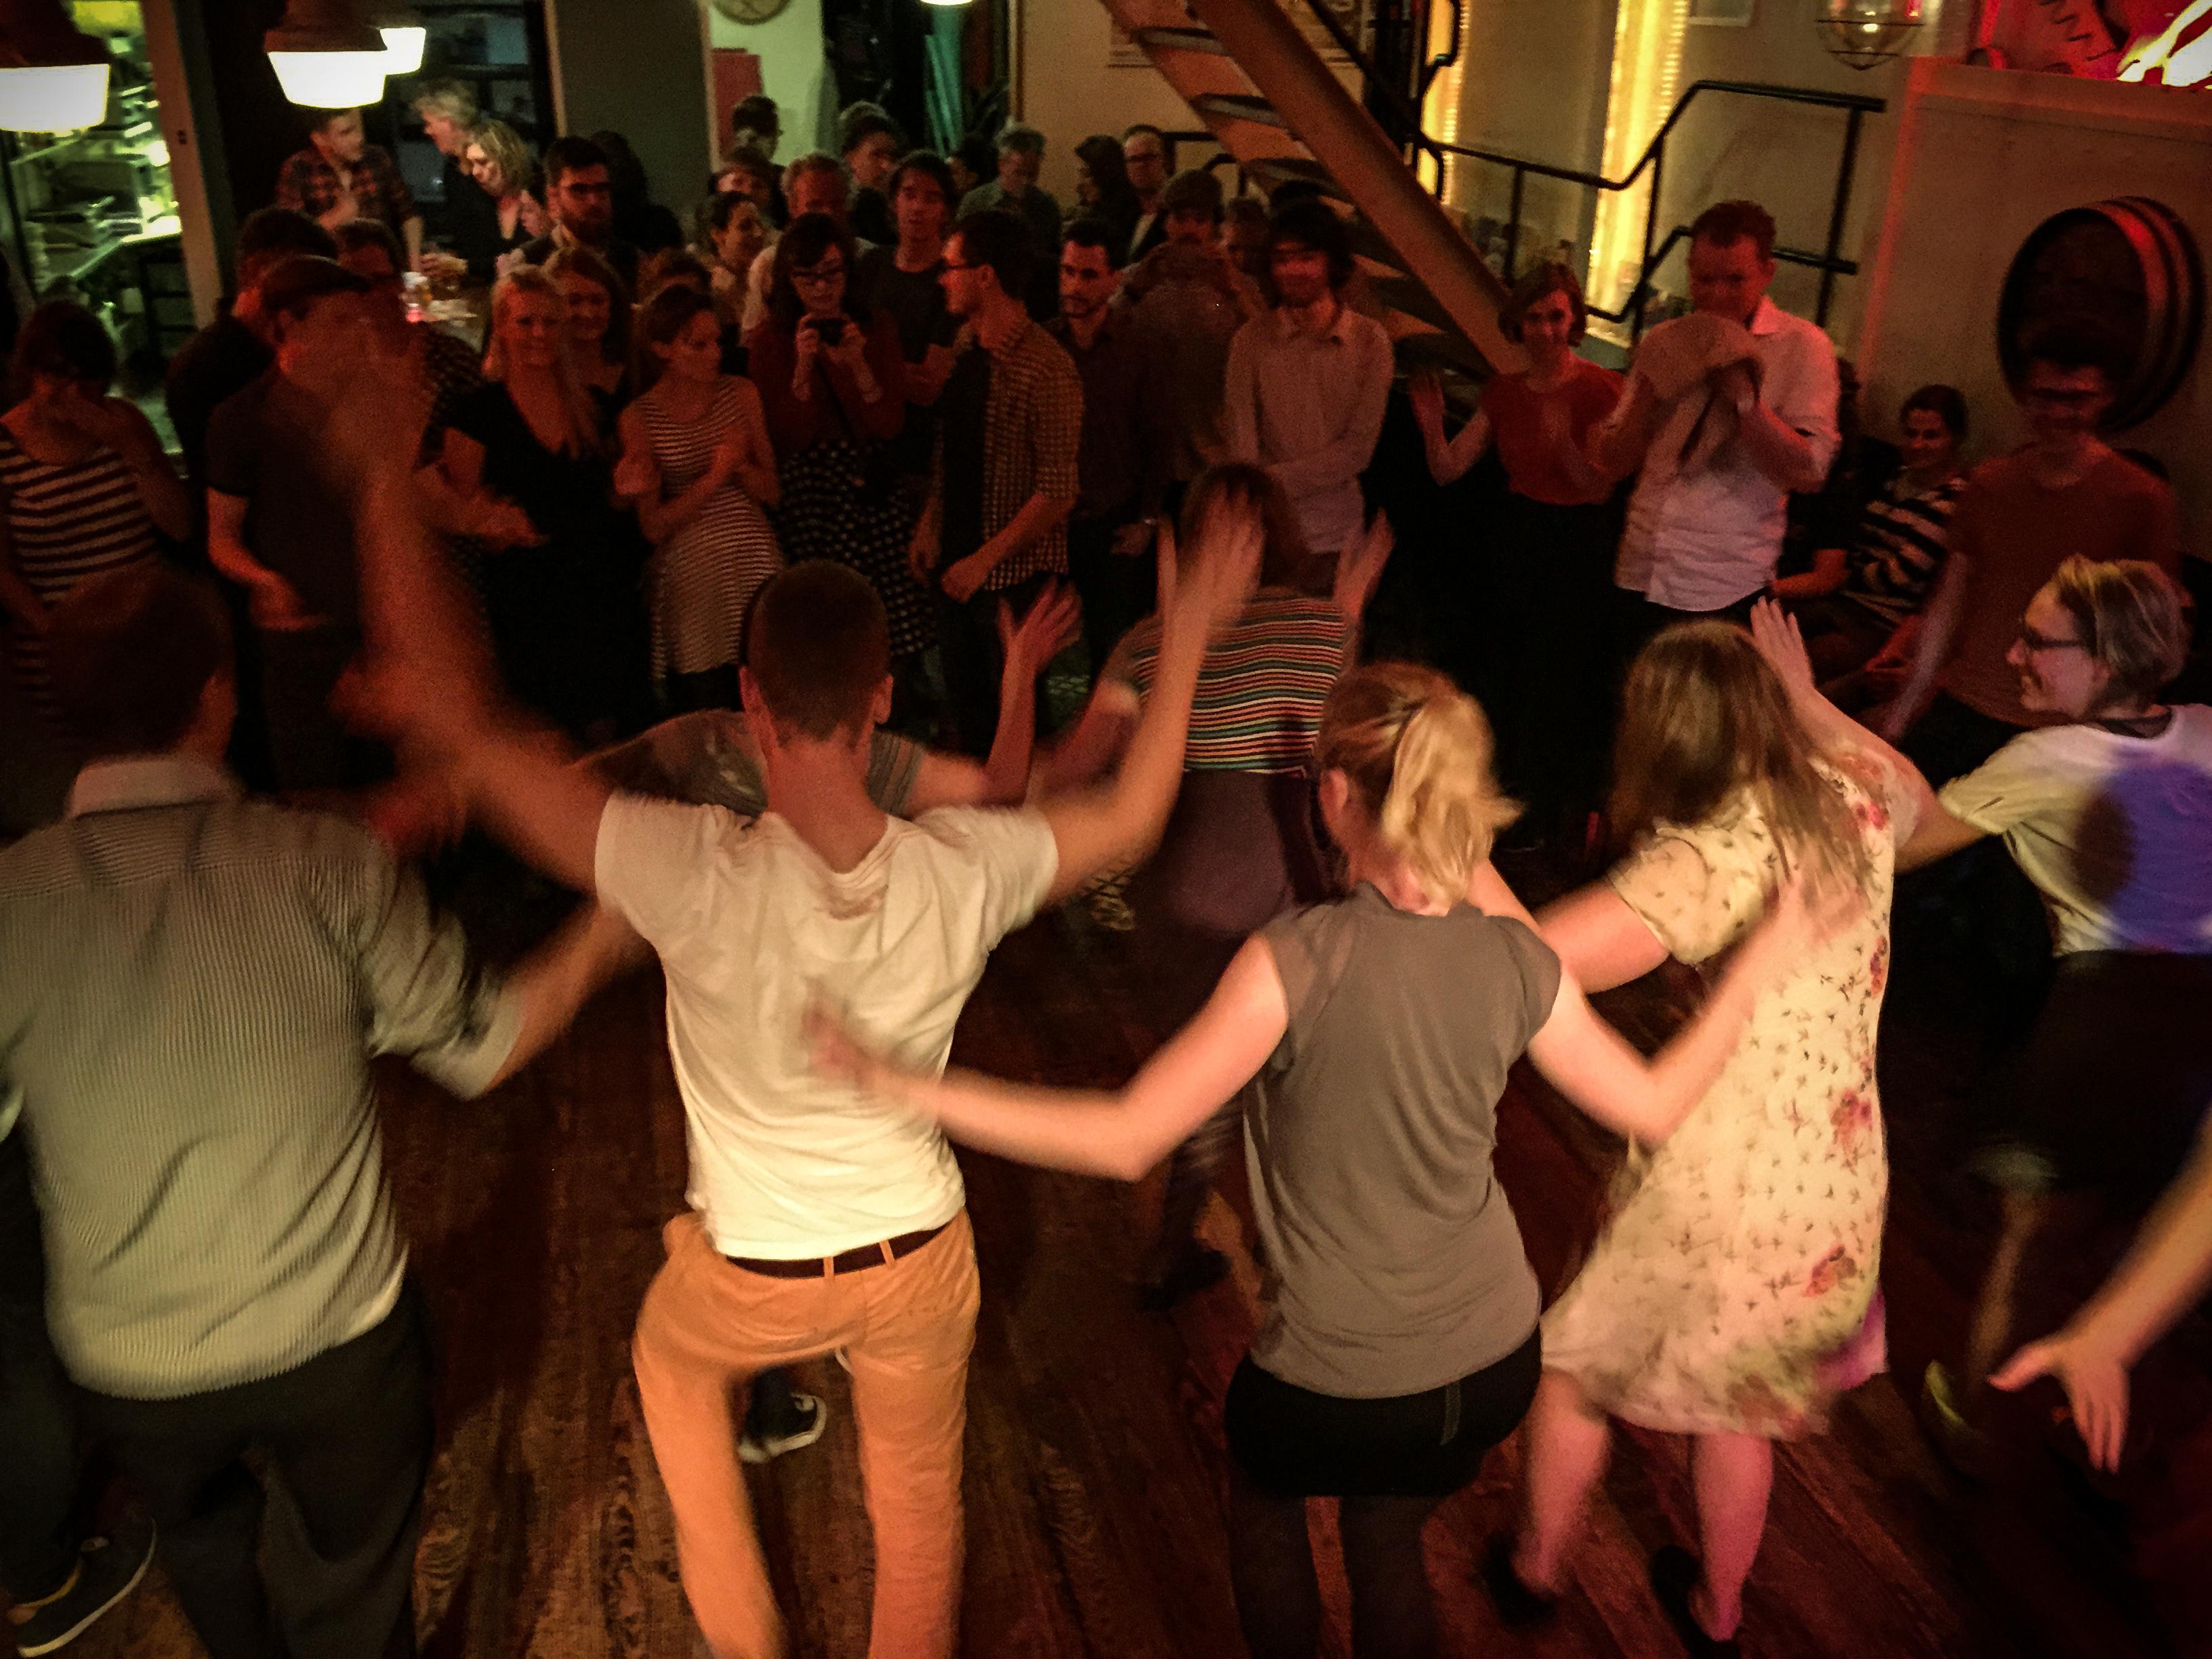 Фото свингерских вечеринок в россии частные, Фотографии Swing Свинг Свингеры Знакомства Sexwife 9 фотография